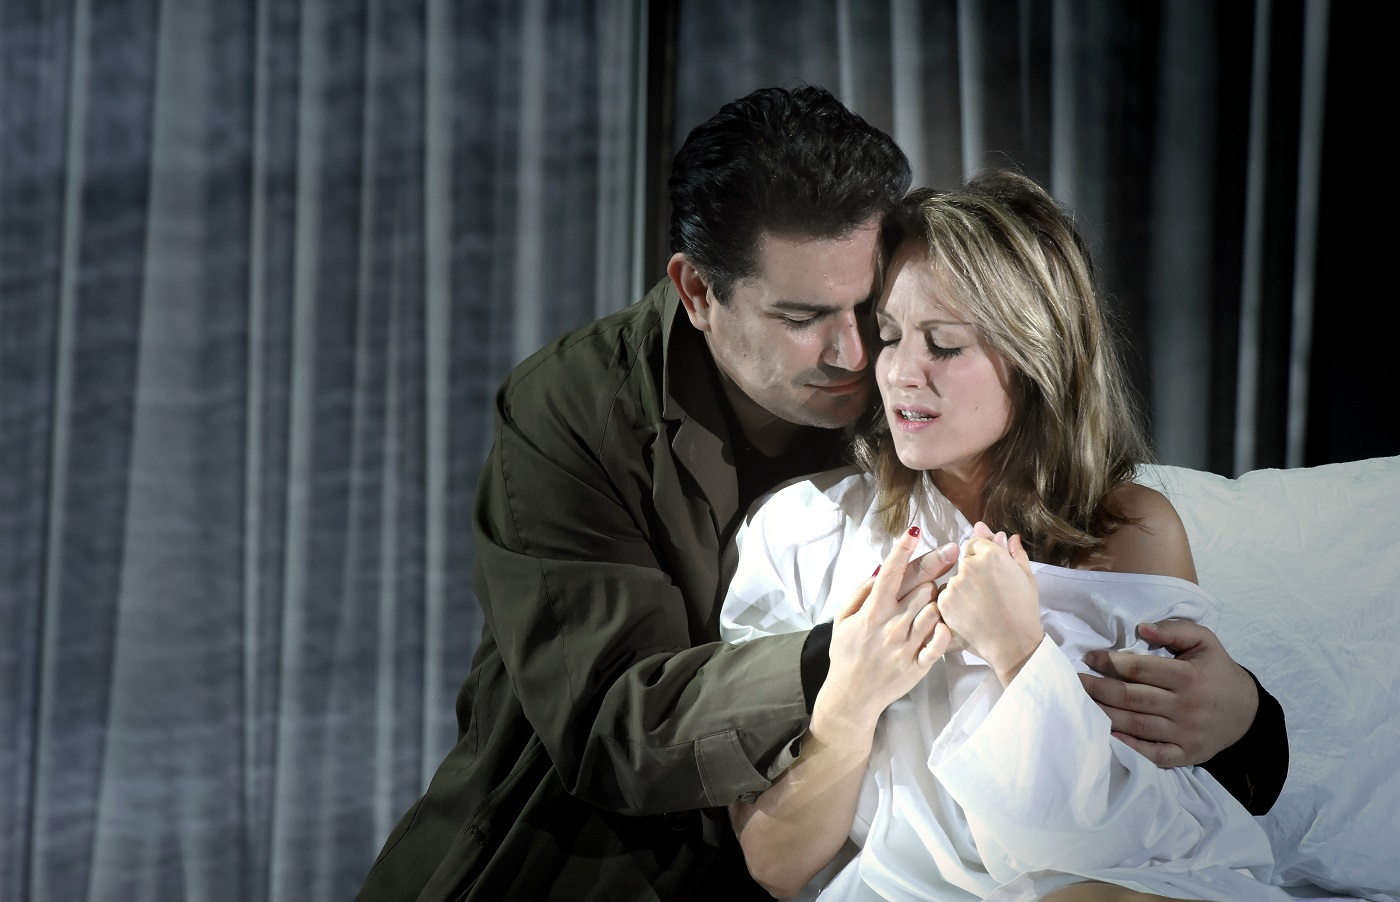 """""""La Traviata"""" au Théâtre des champs-Elysées (19.11.2018) : Saimir Pirgu (Alfredo) & Vannina Santoni (Violetta) / © Vincent Pontet"""